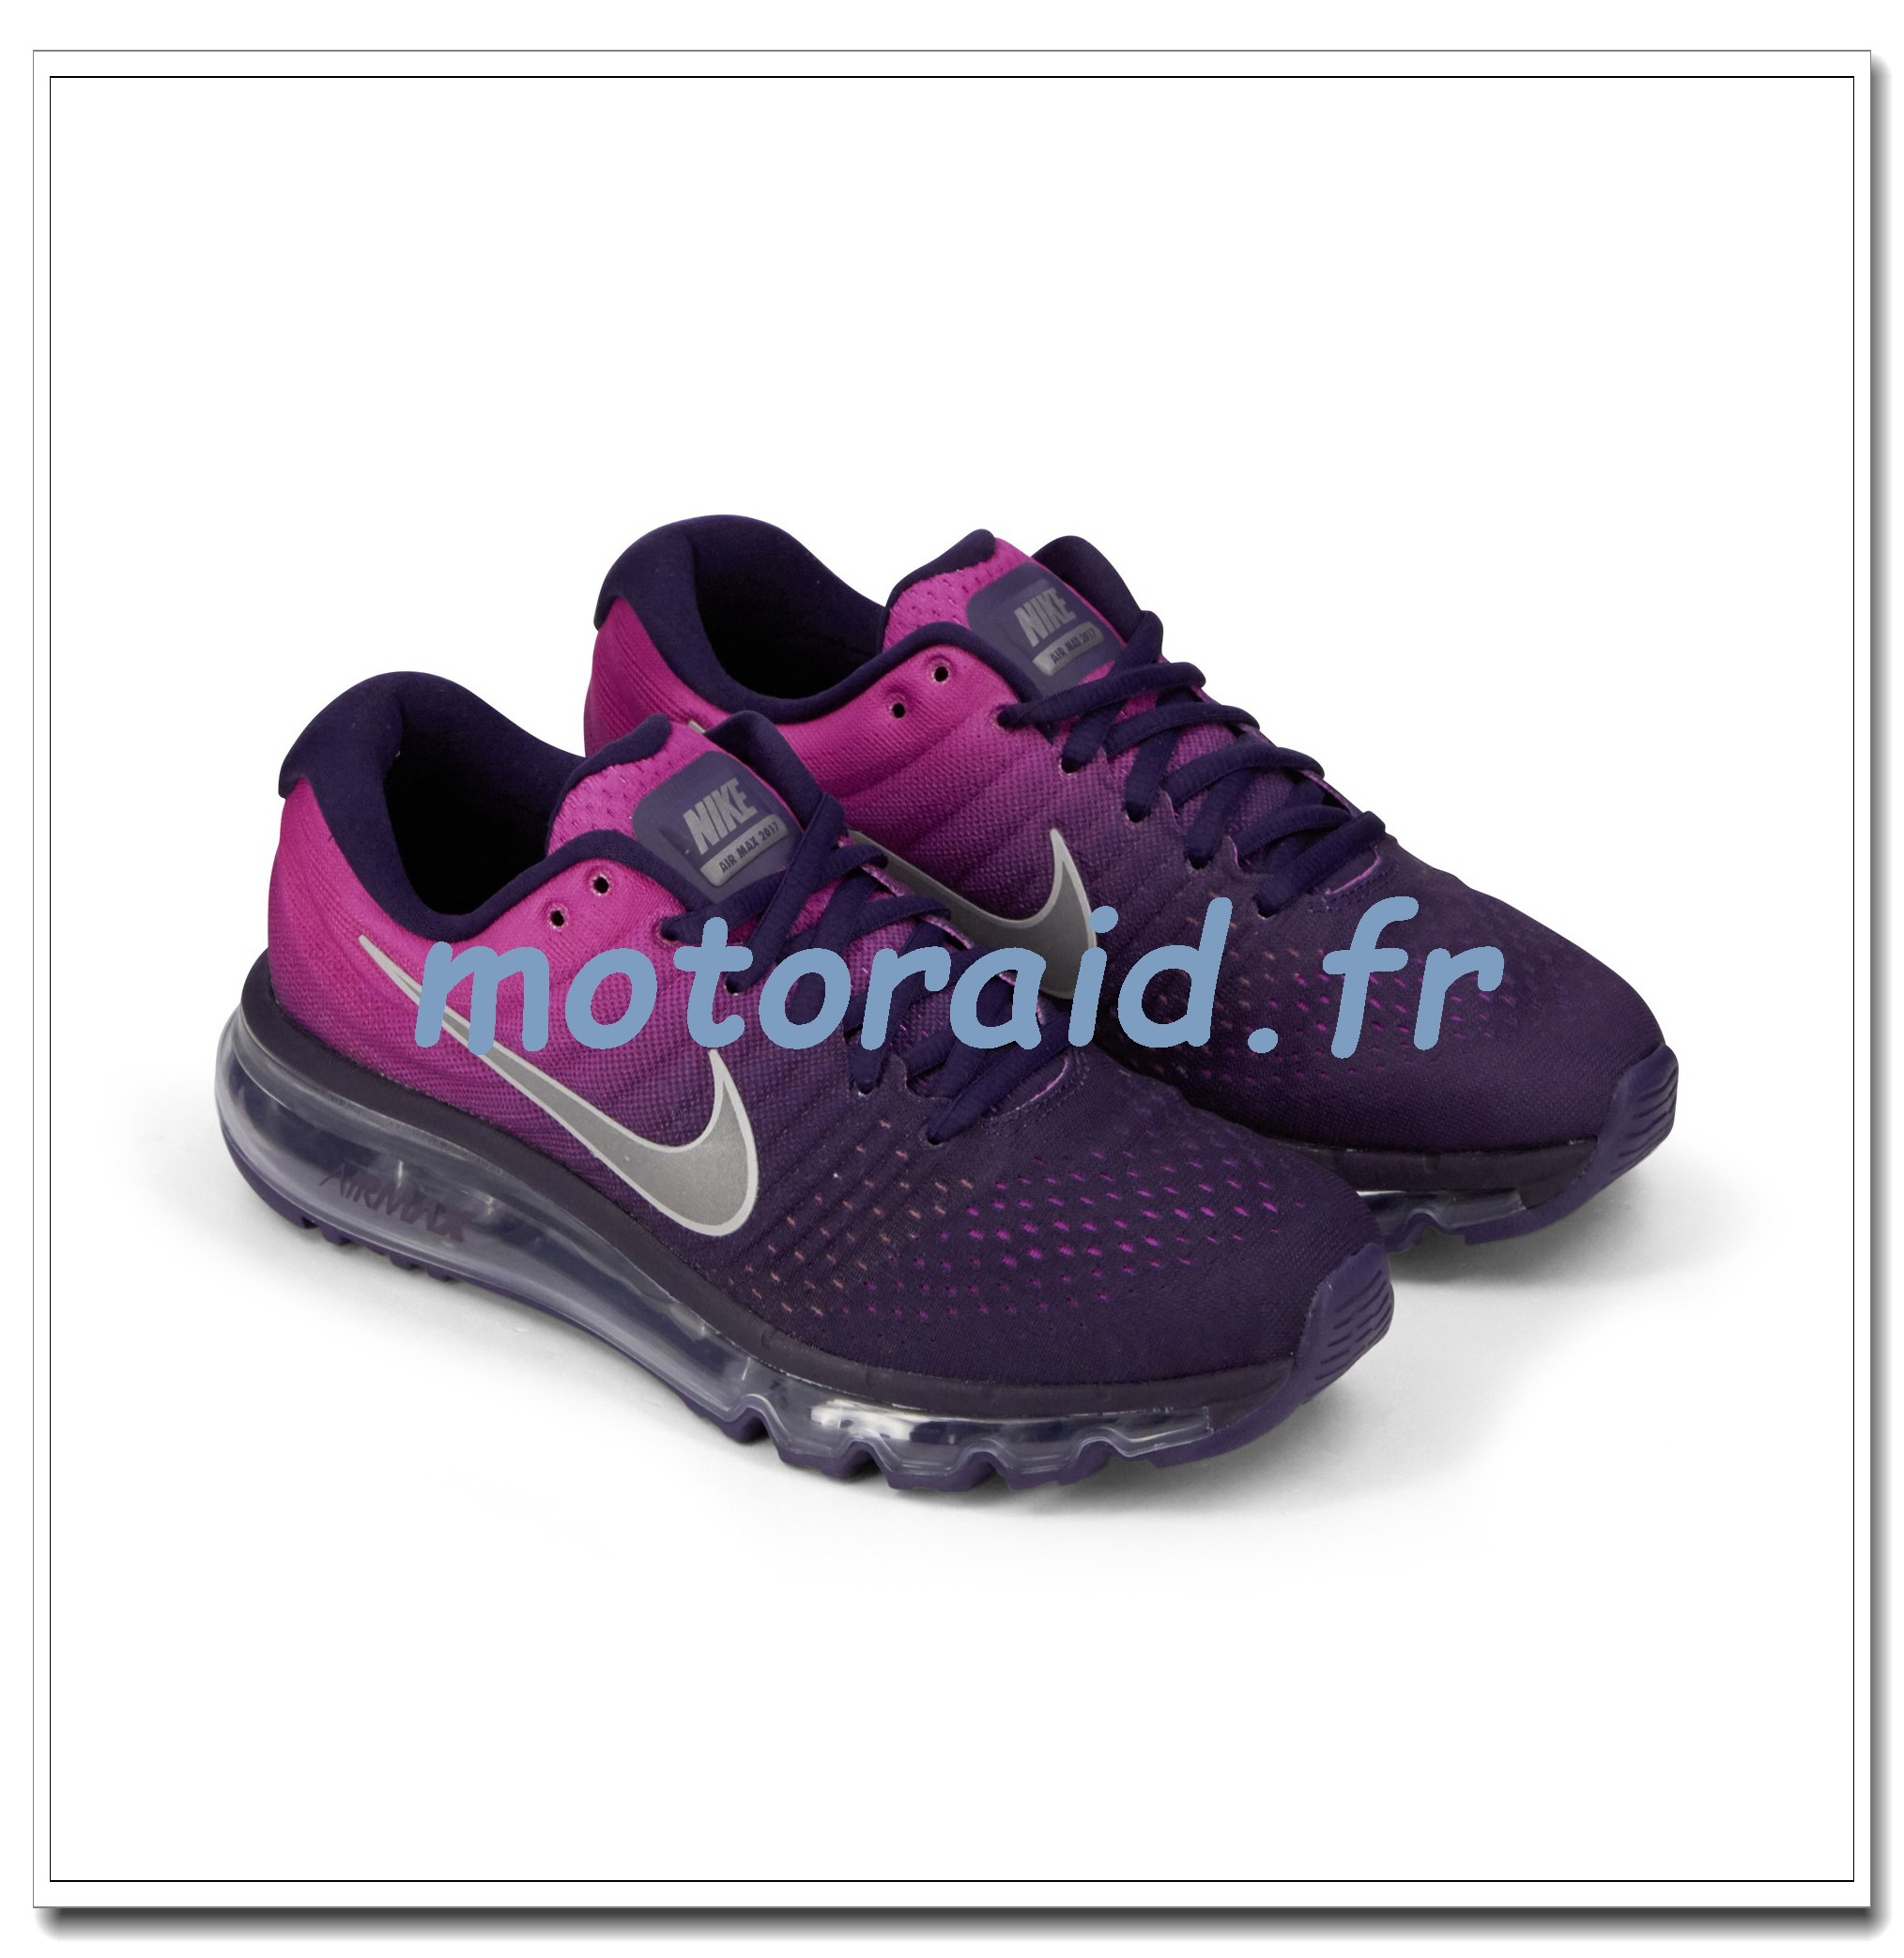 www.lifeisadiy.fr